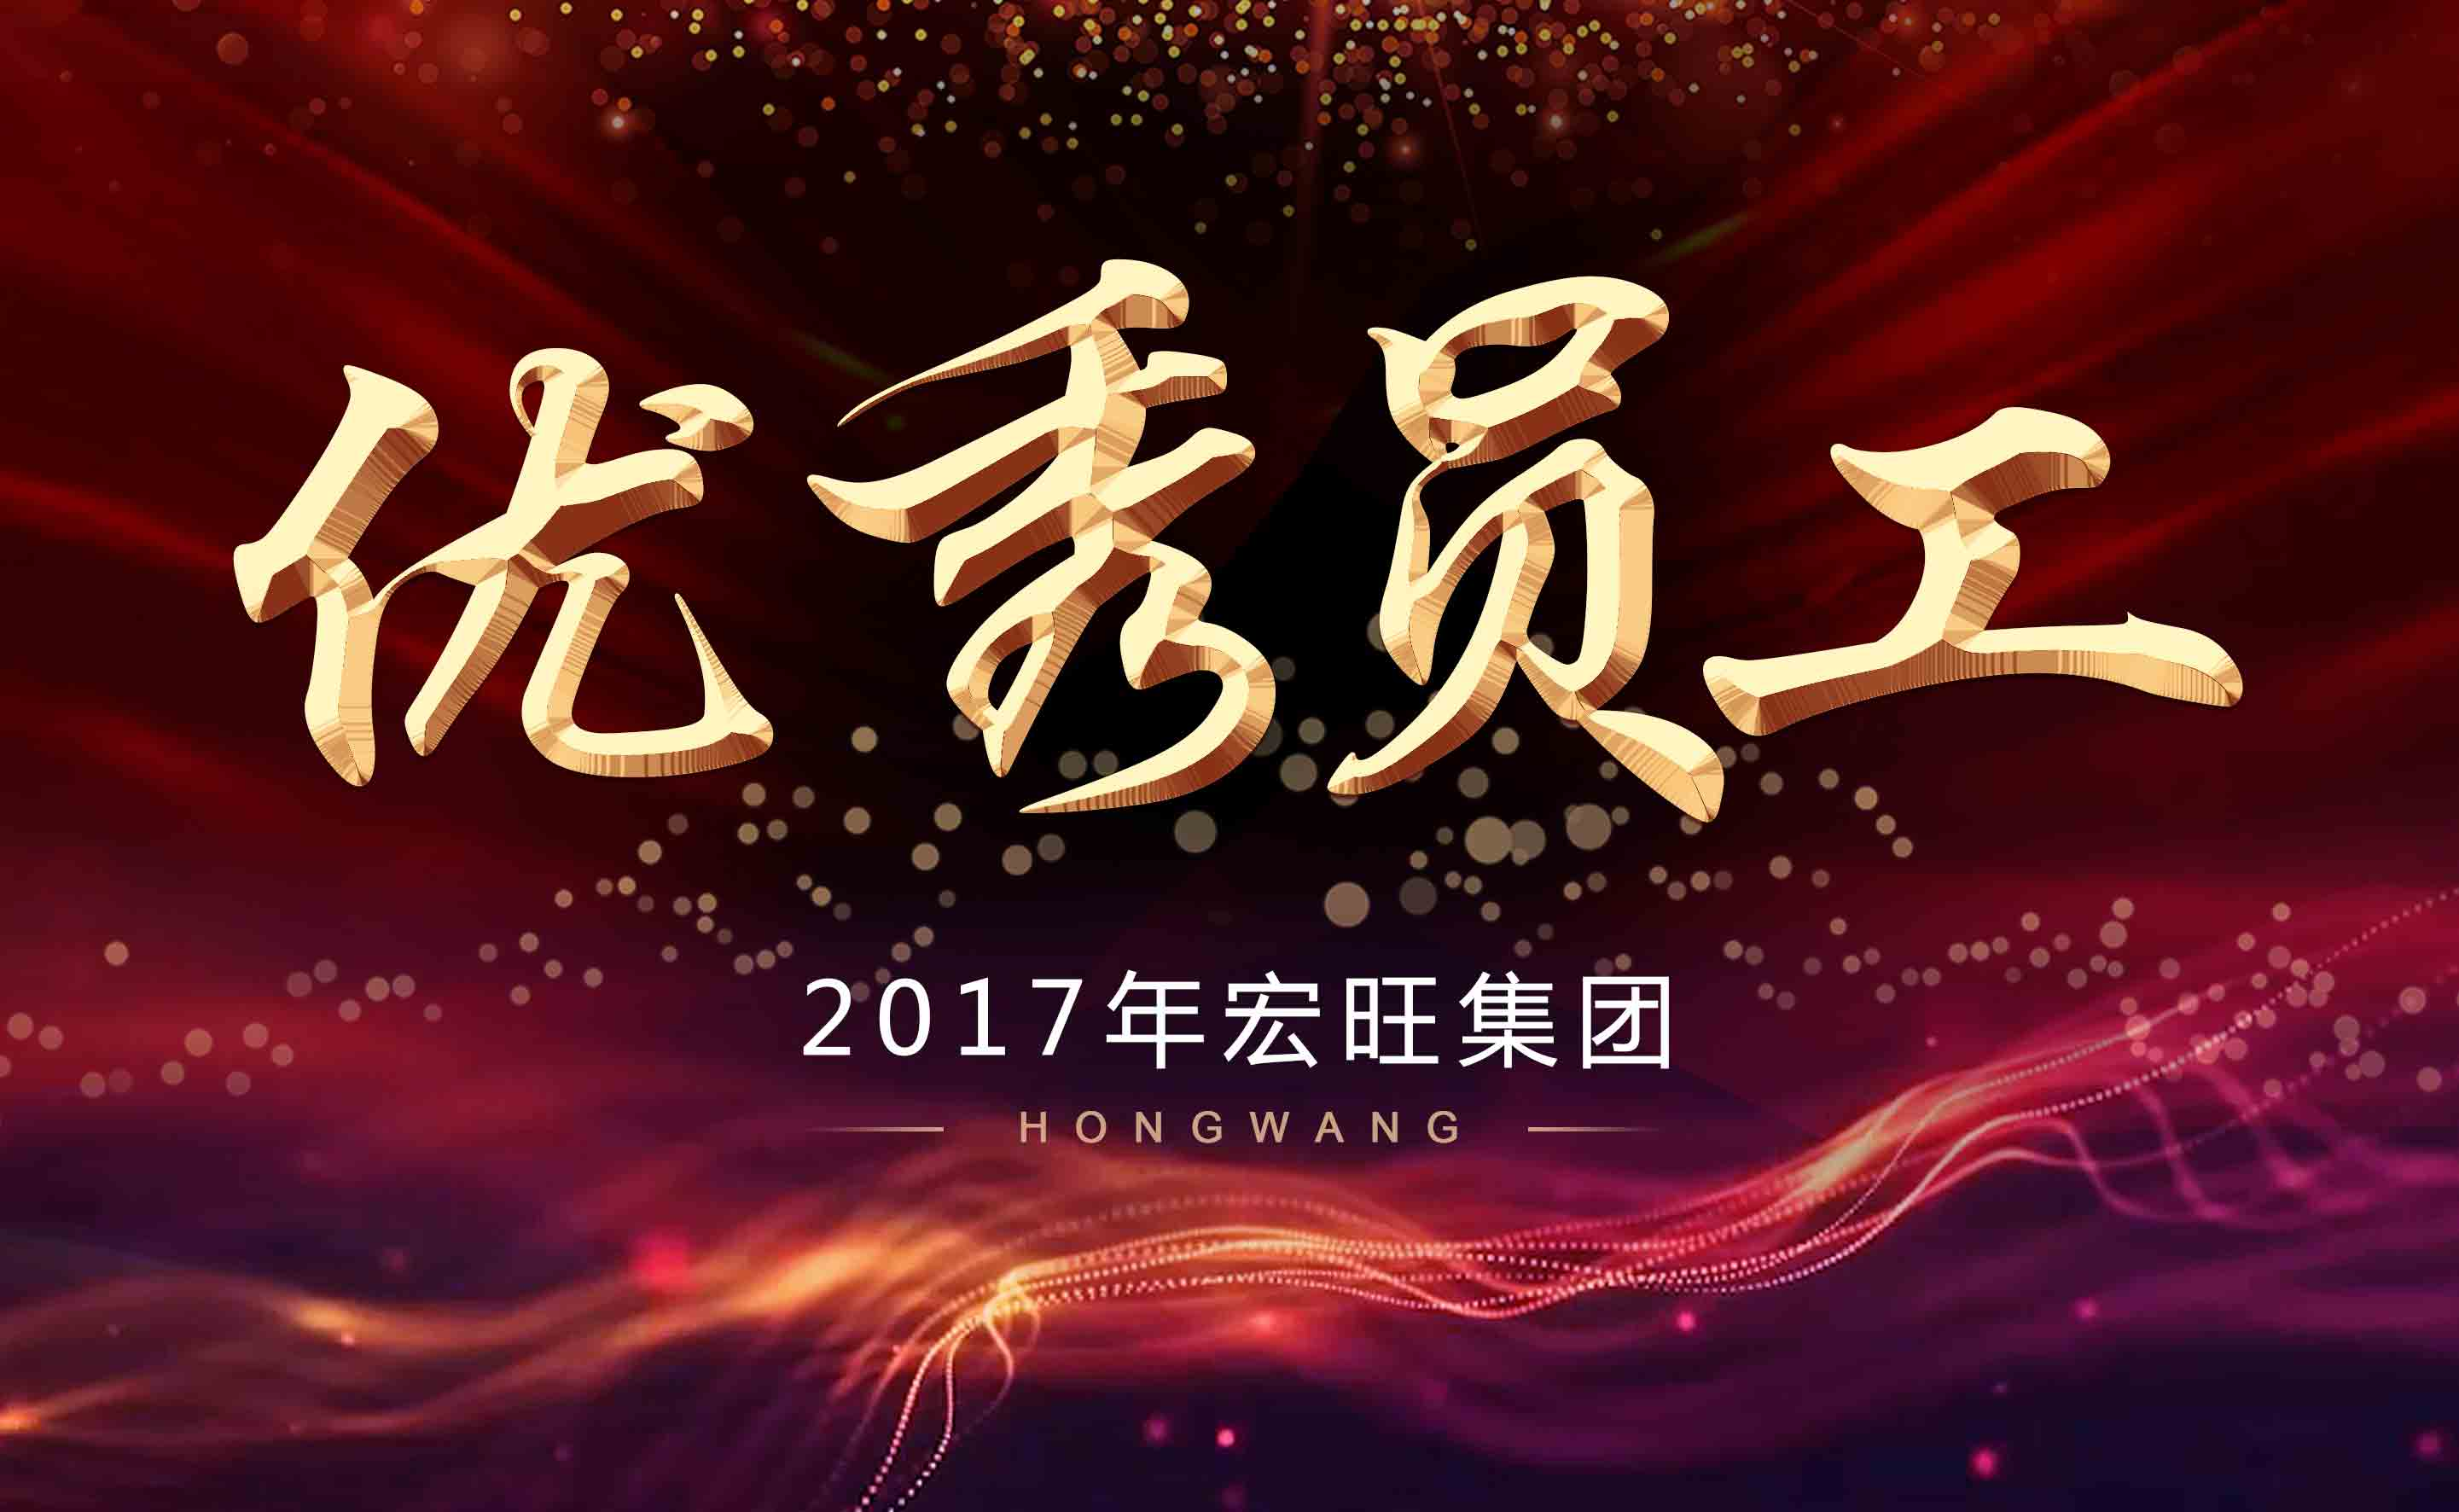 2017年雷竞技官网集团优秀员工